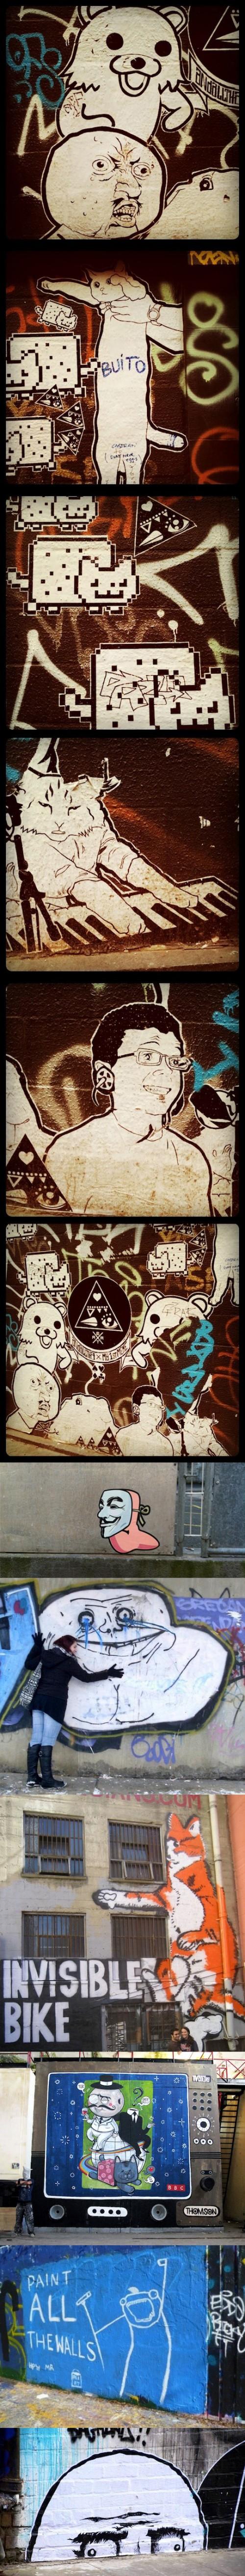 hornoxe.com_picdump255_058